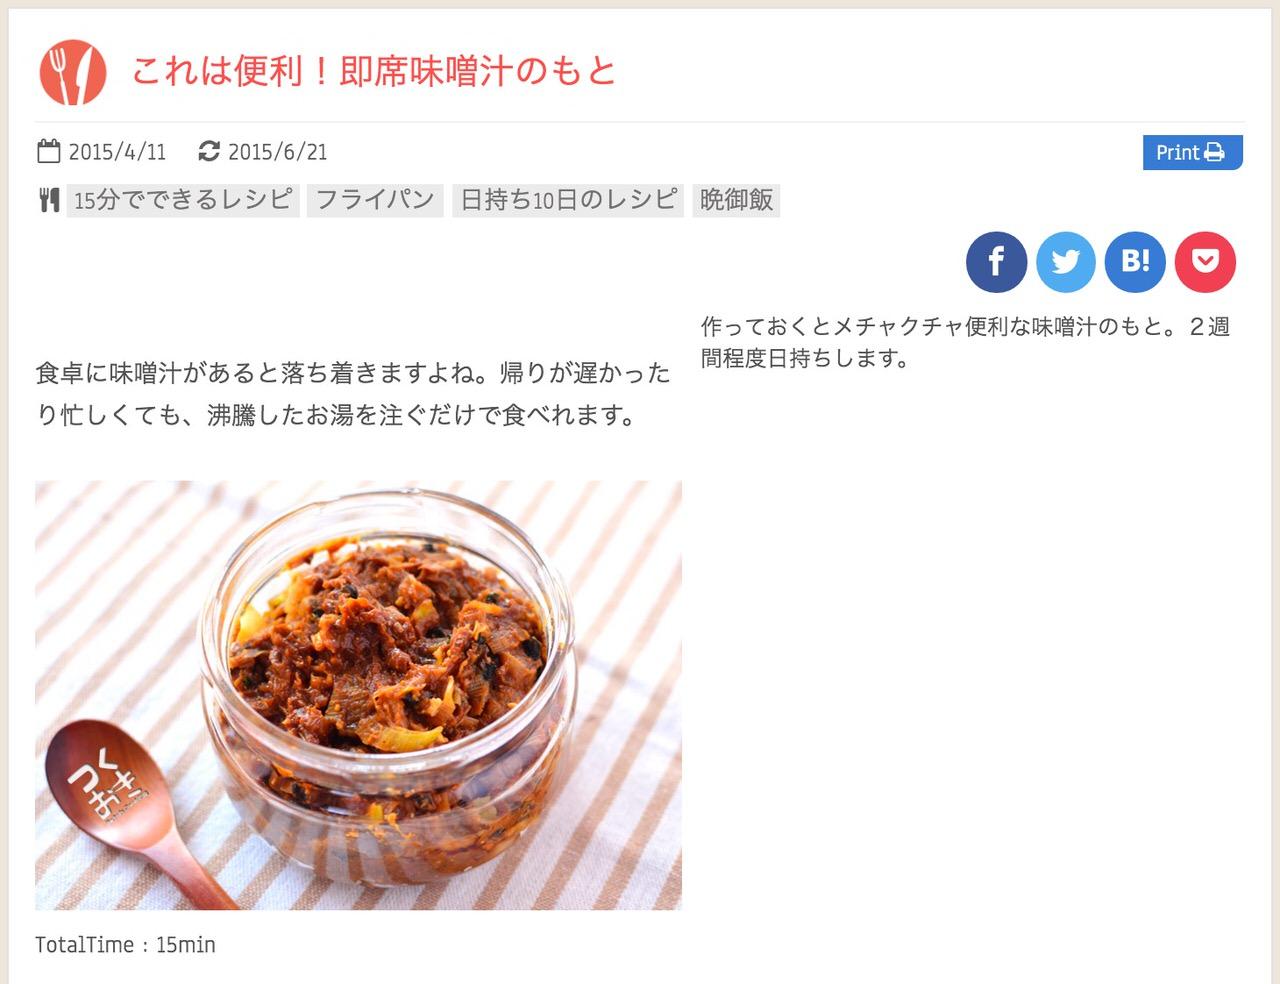 Instant miso soup 1149